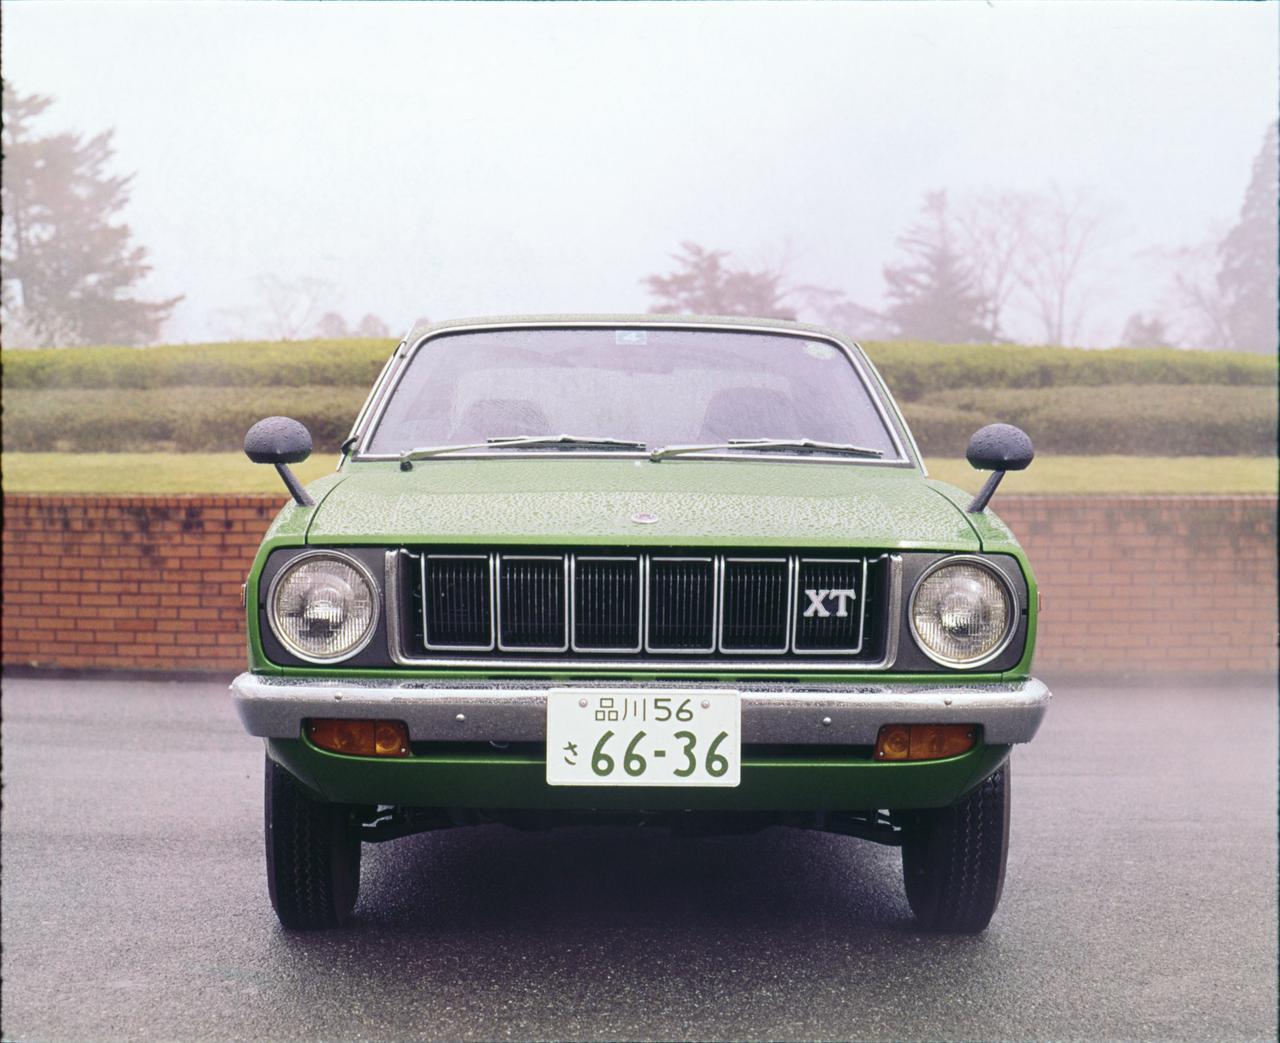 Images : 12番目の画像 - 「【今日は何の日?】初代パブリカスターレット発売「初代スターレットはクーペスタイルだった」46年前 1973年4月11日」のアルバム - Webモーターマガジン